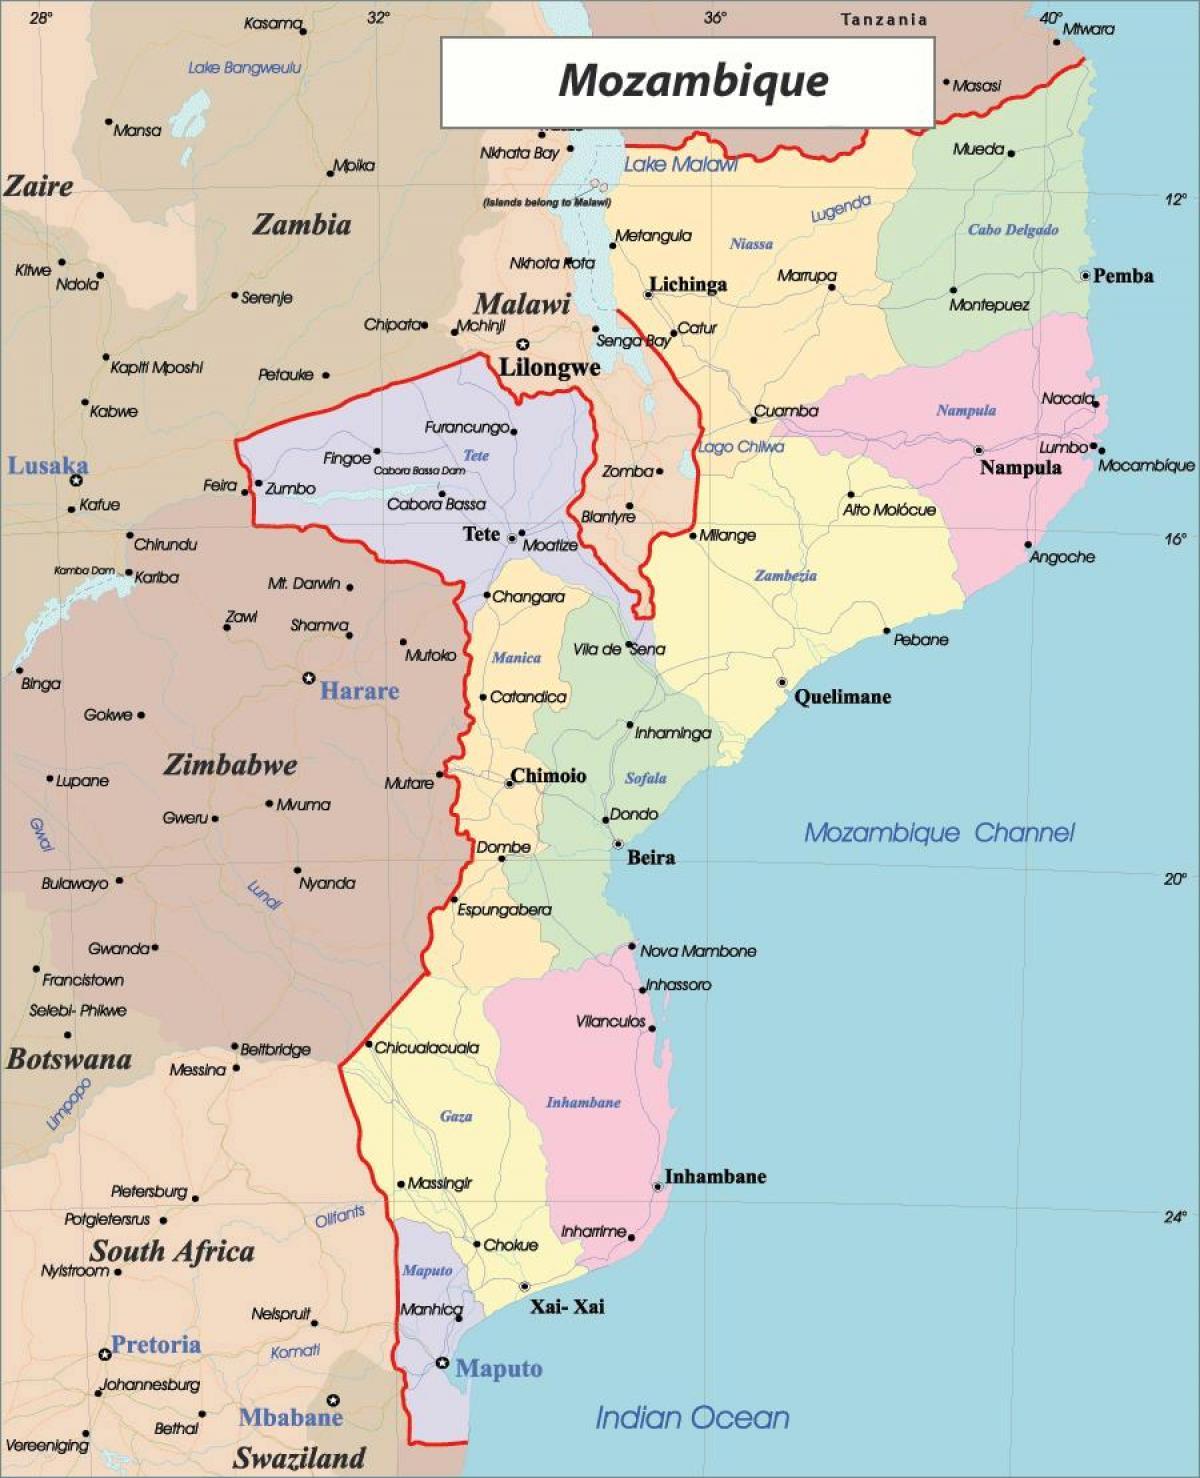 Kort Over Mozambique Mozambique I Kort Ostlige Afrika Afrika